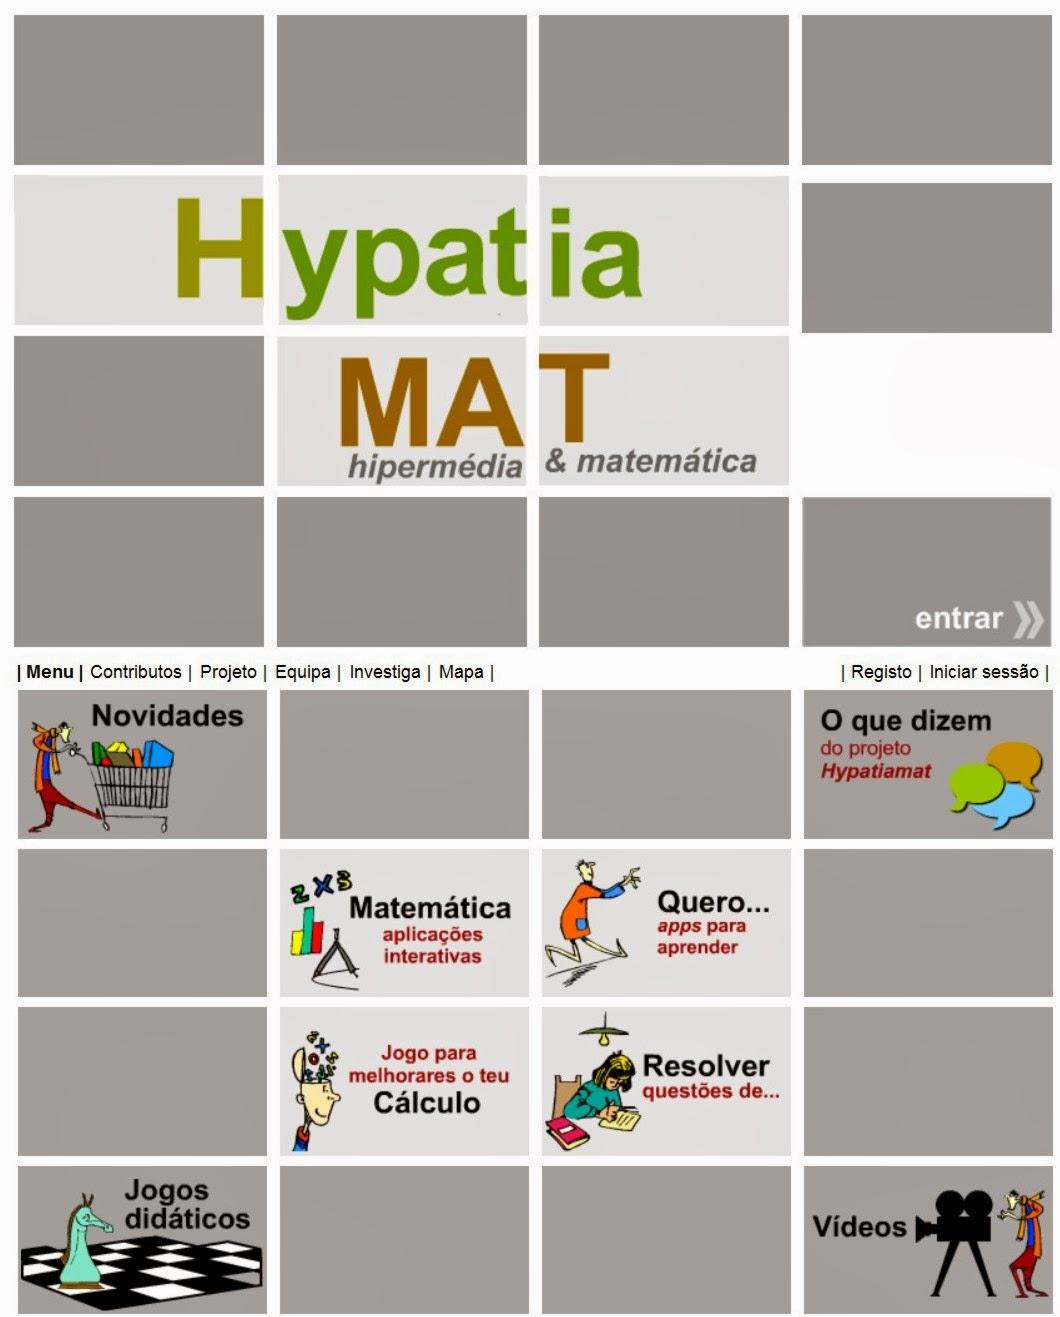 http://www.hypatiamat.com/